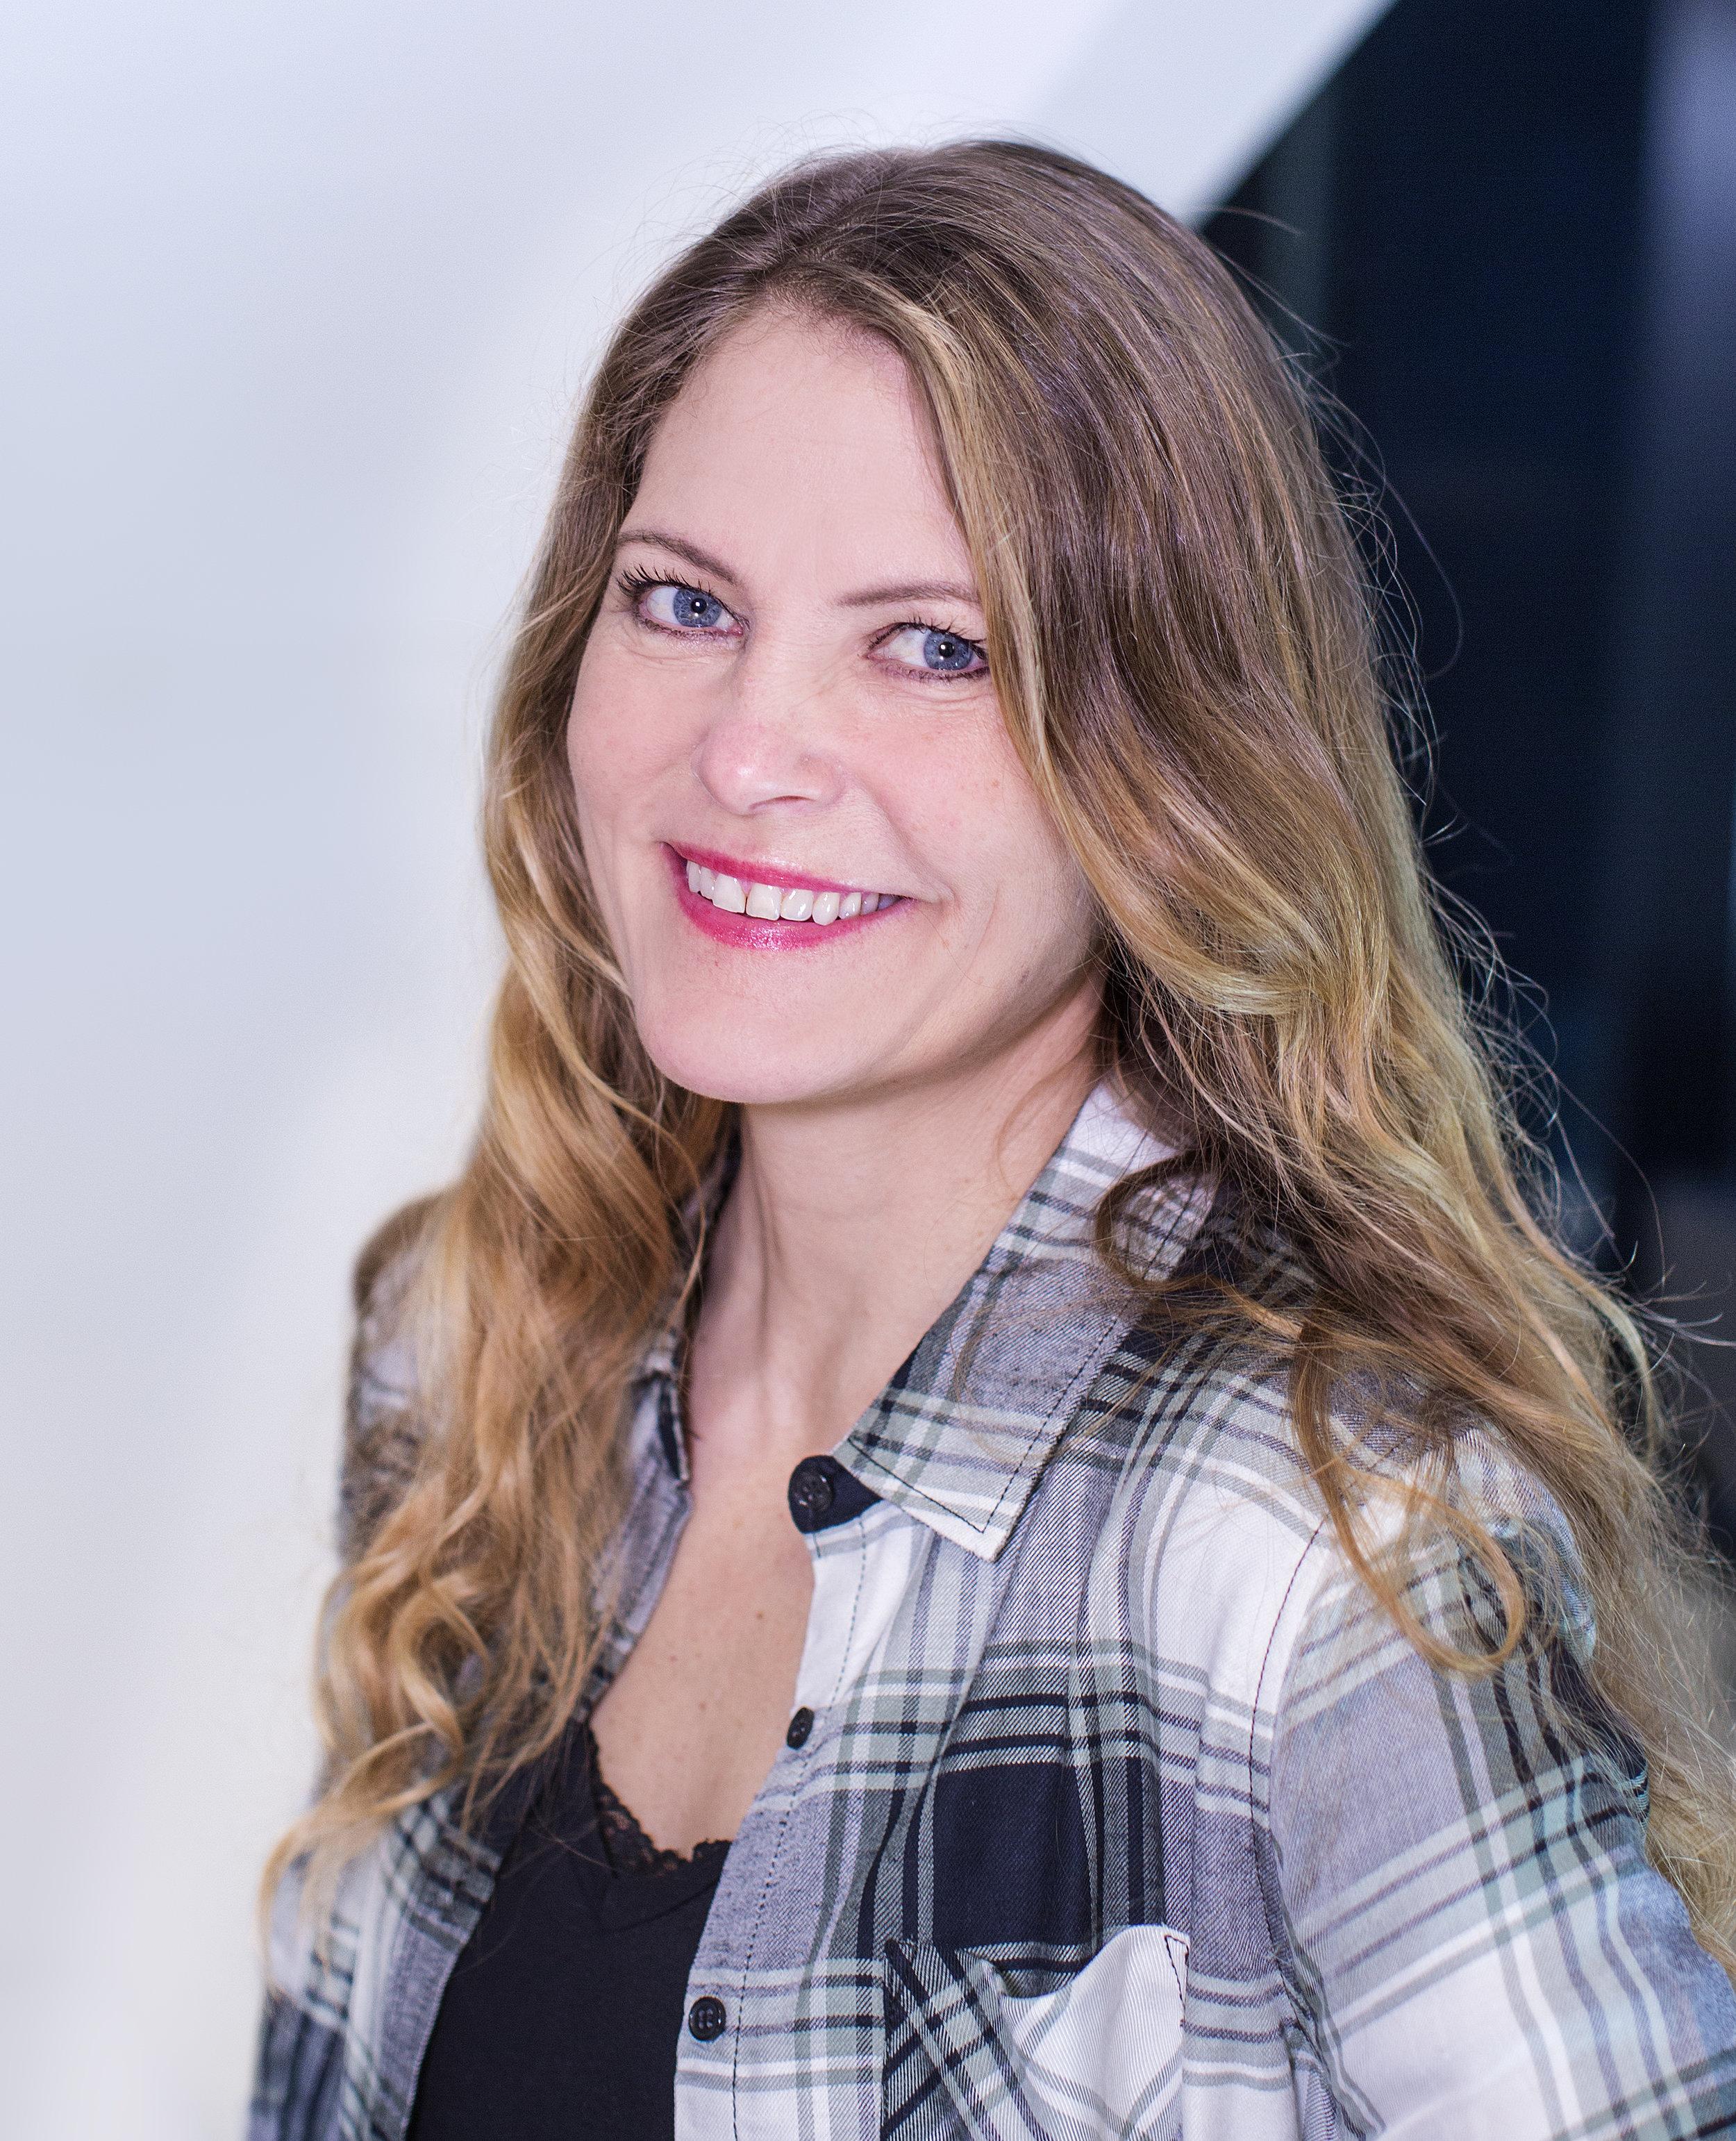 - Margrethe Sønneland er stipendiat i Lesevitenskap ved Lesesenteret, Universitetet i Stavanger. Doktorgradsavhandlingen hennes undersøker ungdomsskoleelevers deltakelse i litterære gruppesamtaler om vanskelige tekster. Margrethe har ledet arbeidet med arbeidspakken Norskfaglige praksiser i Språkløyper og er med i programområdet Muntlighet og dialog i skolen ved UiS. Hun har tidligere undervist i norsk og engelsk i videregående skole.